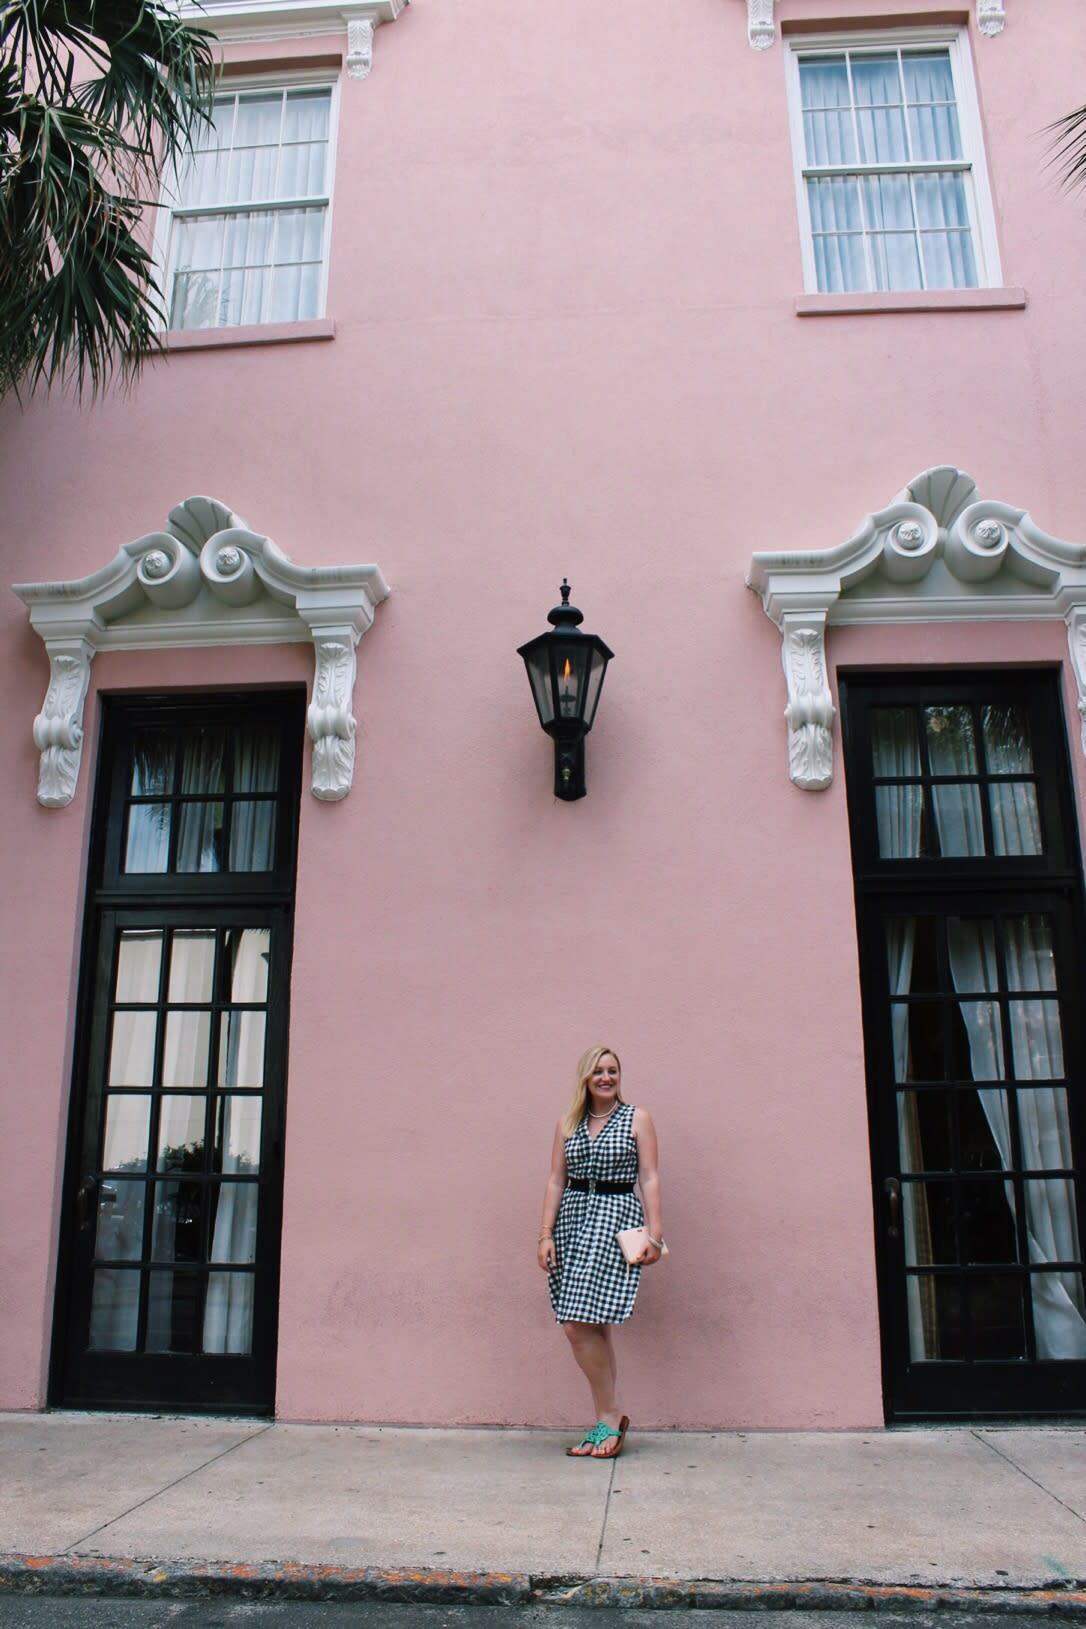 Charleston pink buildings